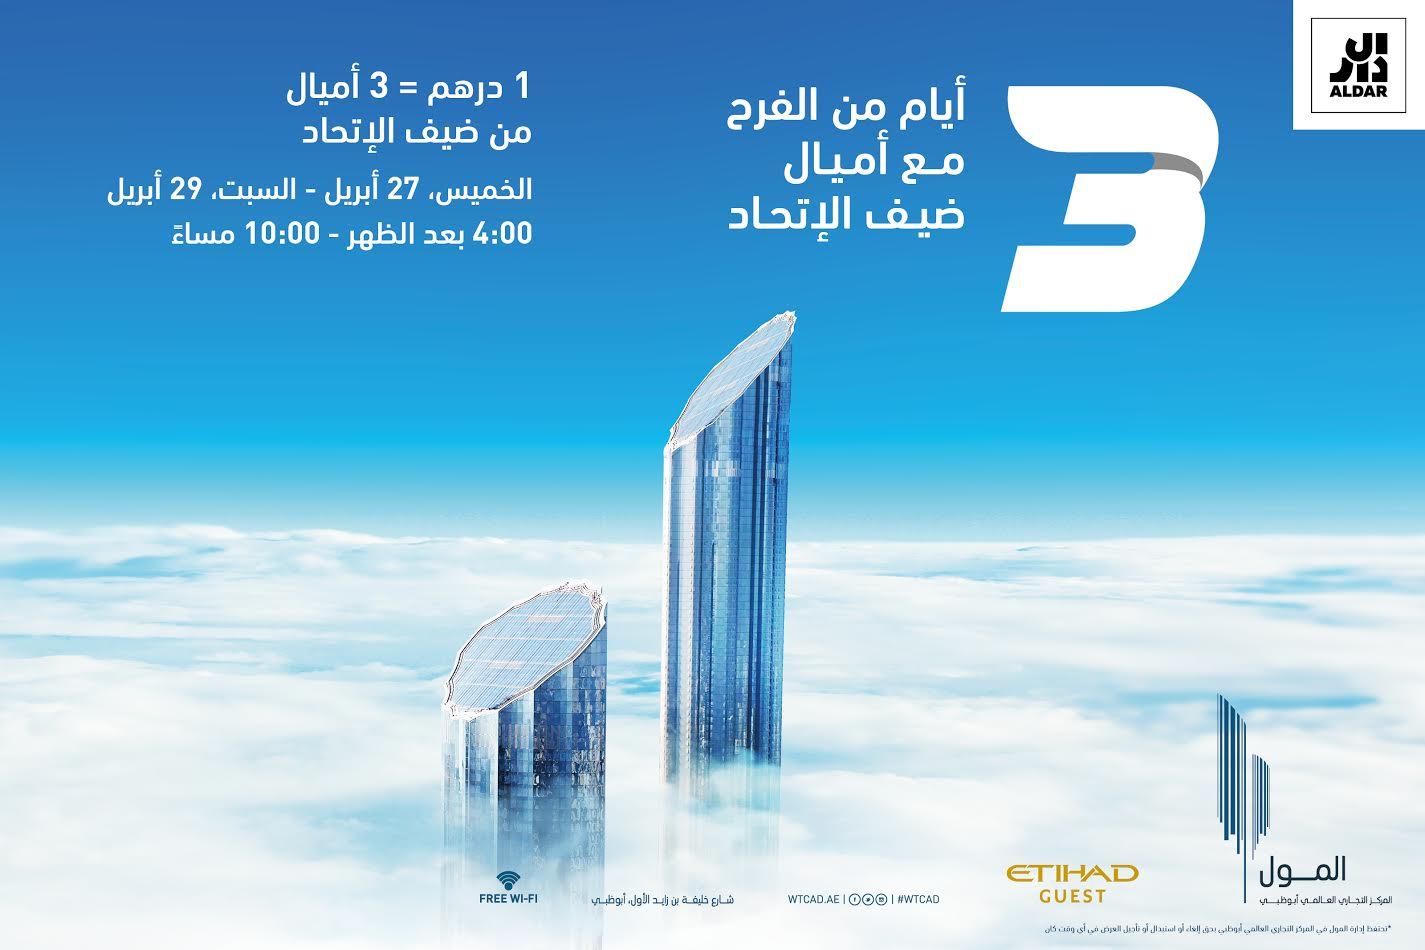 المول في المركز التجاري العالمي أبوظبي يطلق 3 أيام من الفرح مع أميال ضيف الاتحاد